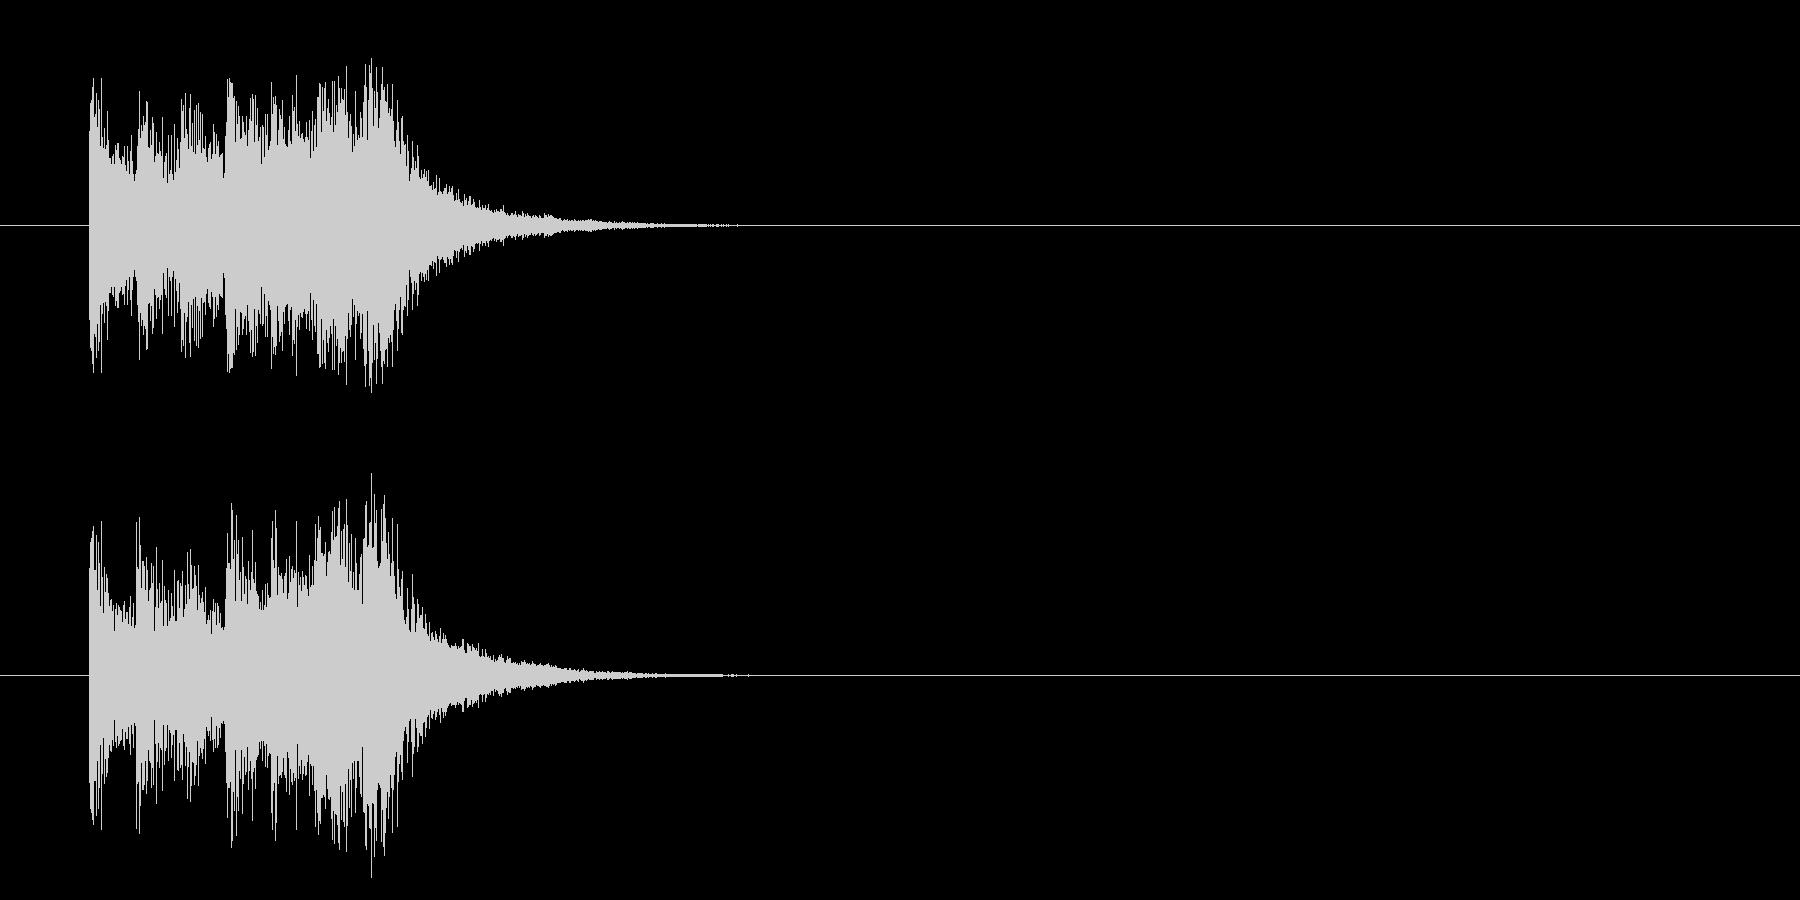 コーナーアタック風軽いポップスのジングルの未再生の波形